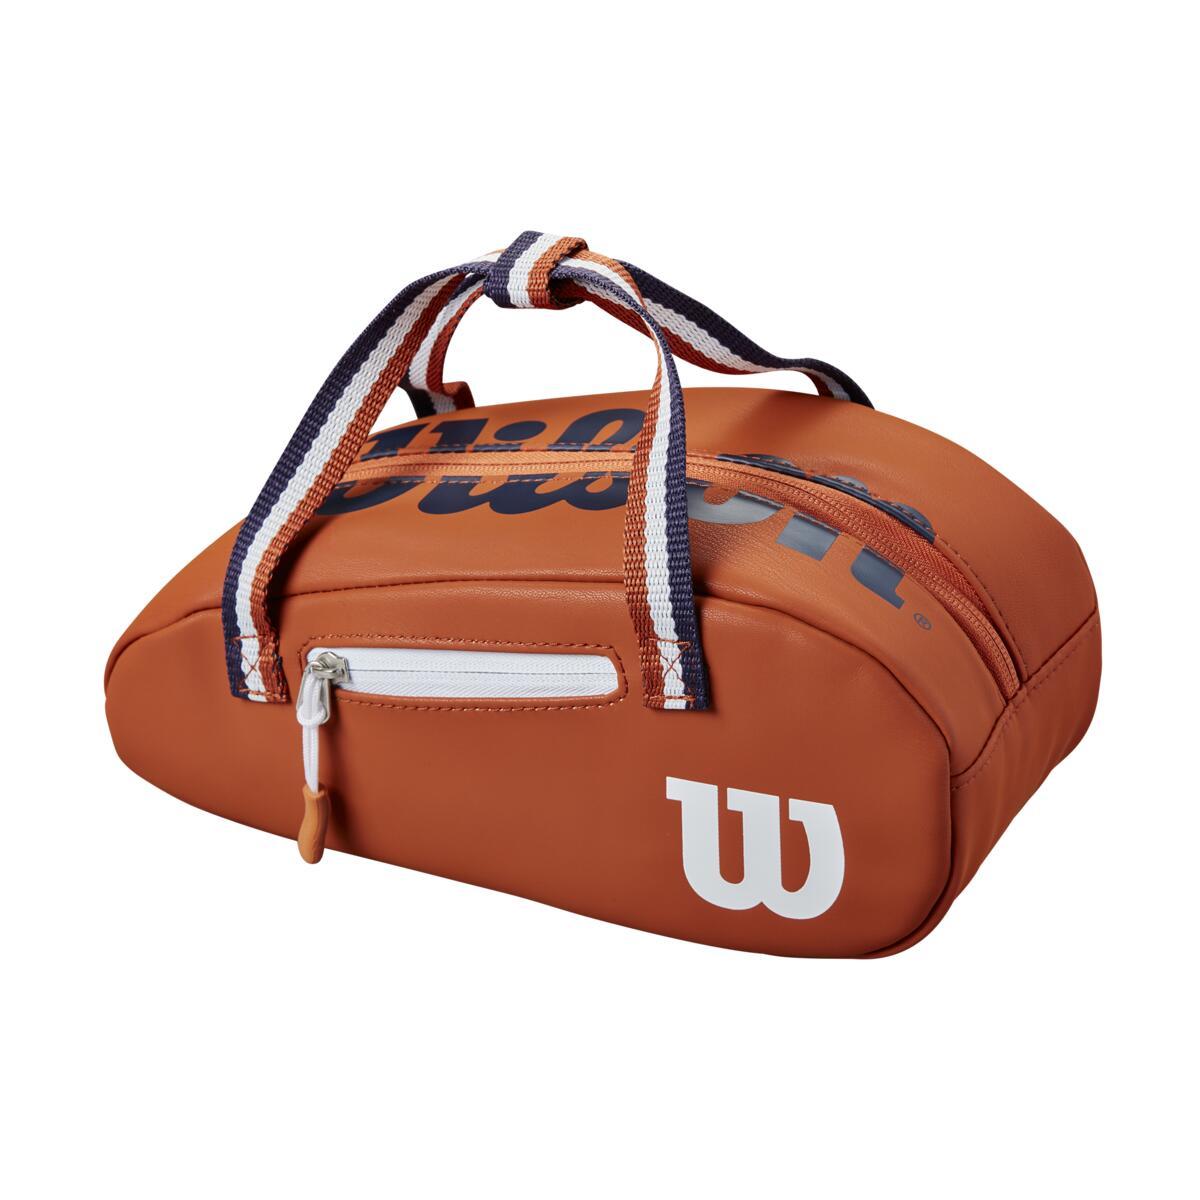 WR8008901_0_Roland_Garros_Mini_Tour_Bag_OR.png.cq5dam.web.1200.1200